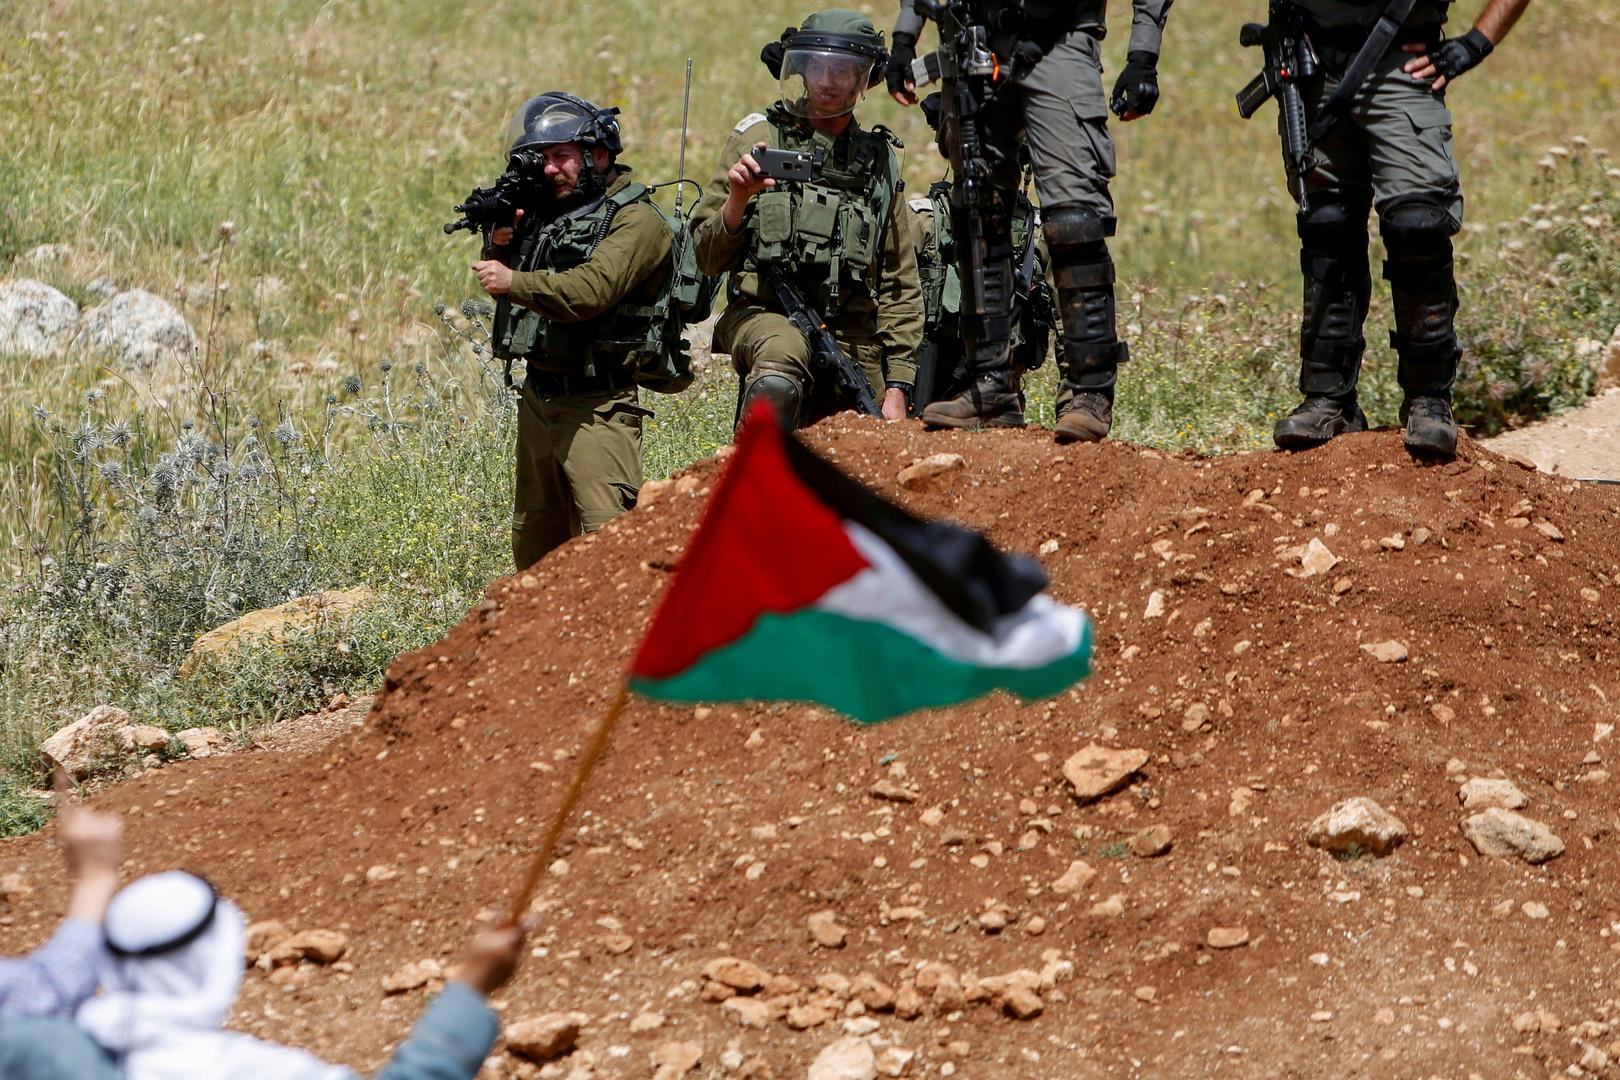 ارتفاع عدد القتلى الفلسطينيين بنيران الجيش الإسرائيلي إلى 11 في الضفة الغربية